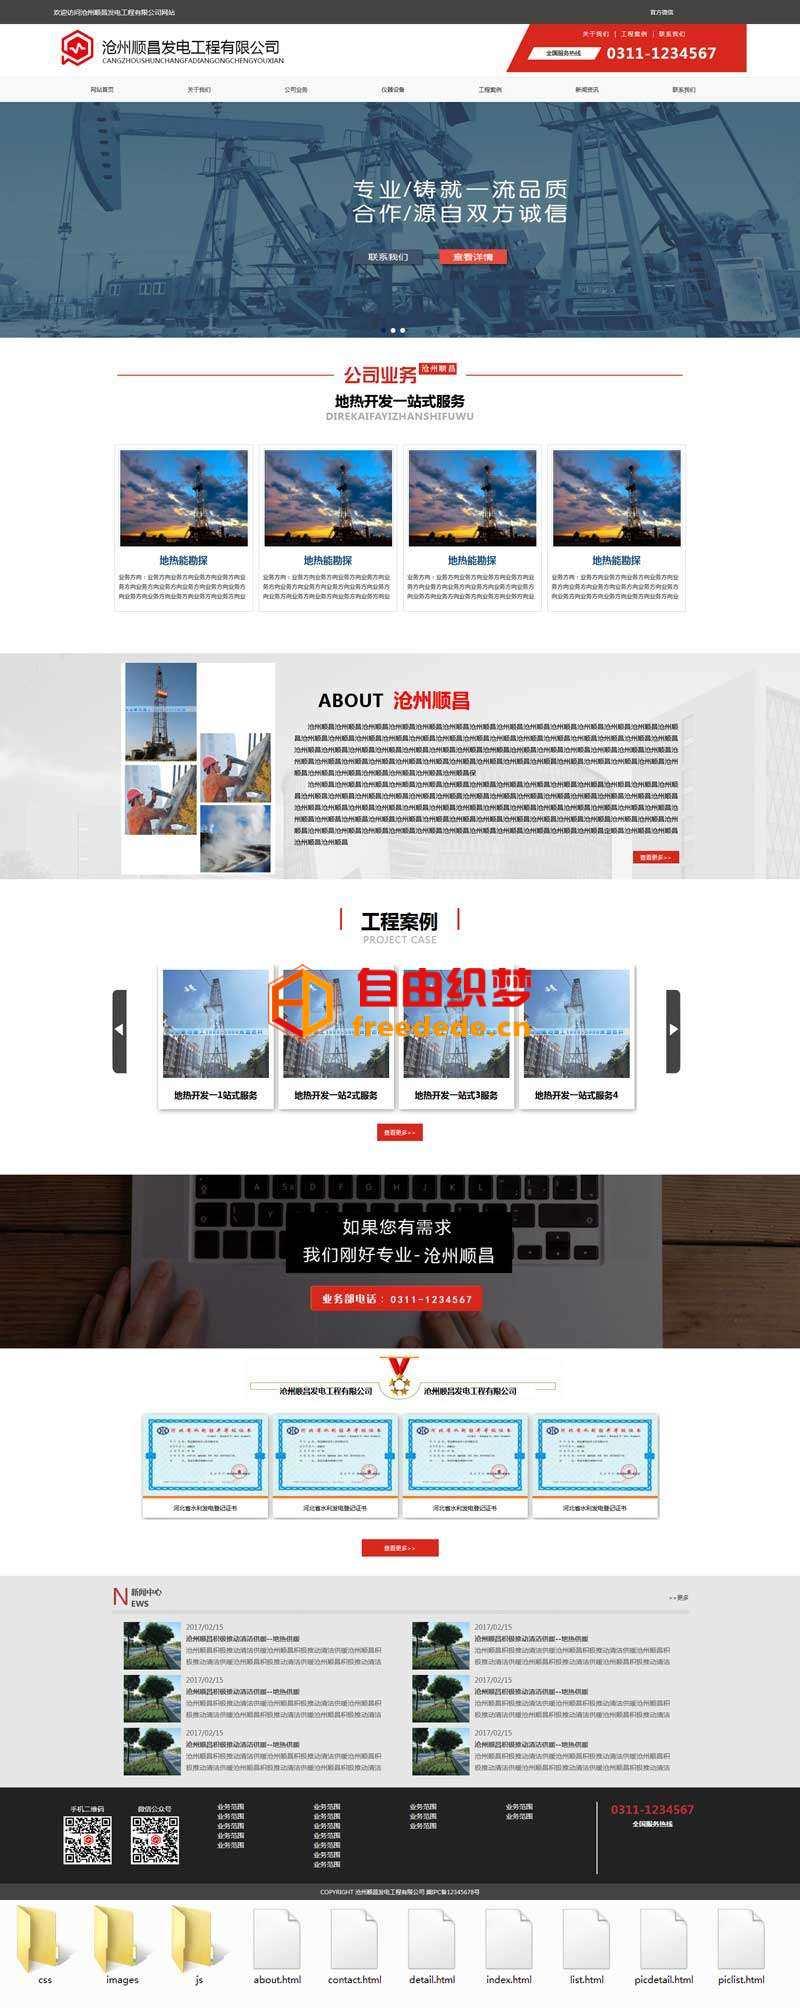 爱上源码网文章发电机械工程公司网站静态模板的内容插图